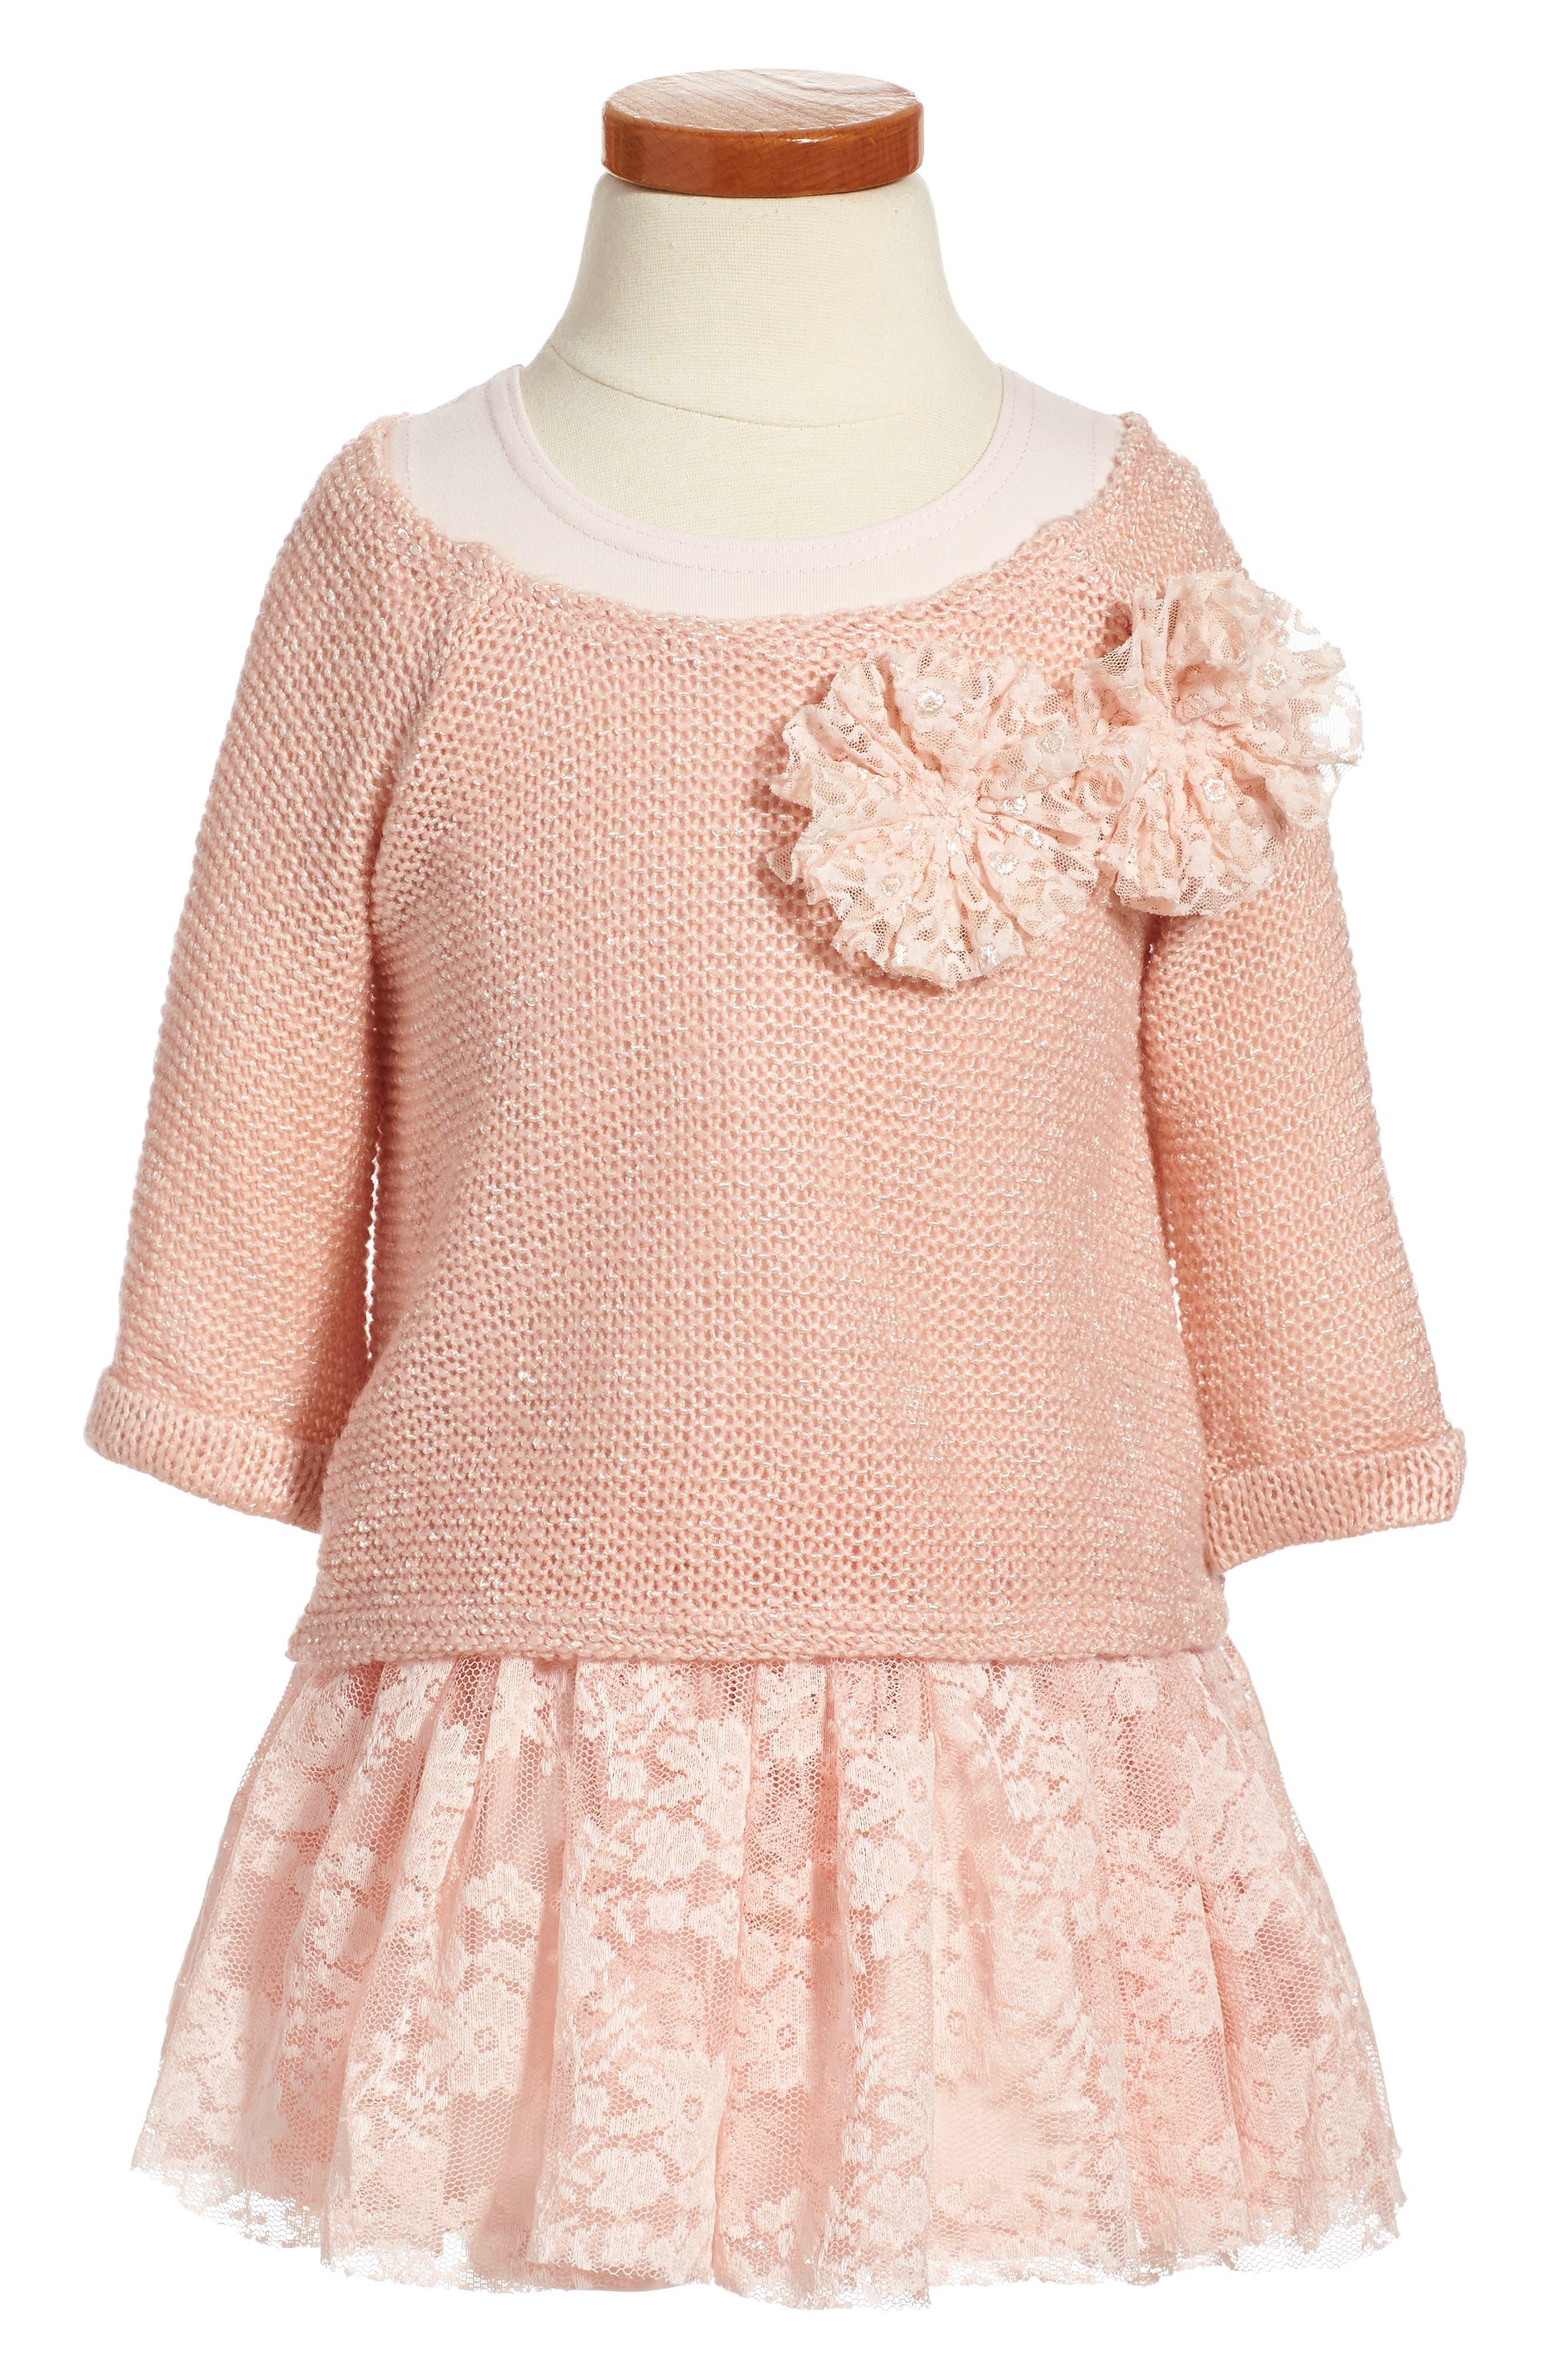 Pippa & Julie Sweater & Lace Skirt Dress (Toddler Girls, Little Girls & Big Girls)